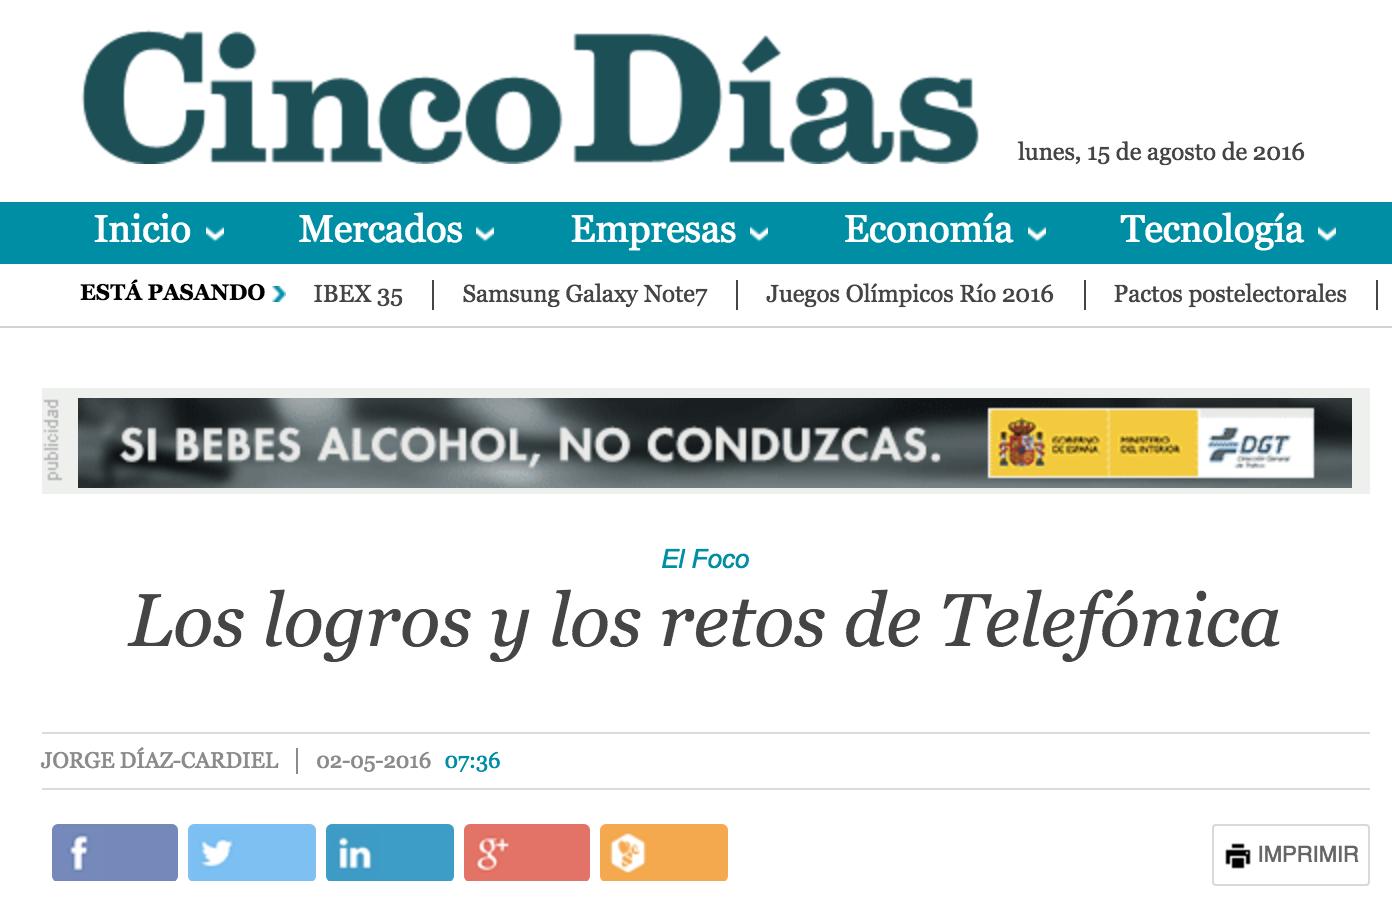 Artículo de Jorge Díaz-Cardiel en 'Cinco Dias'